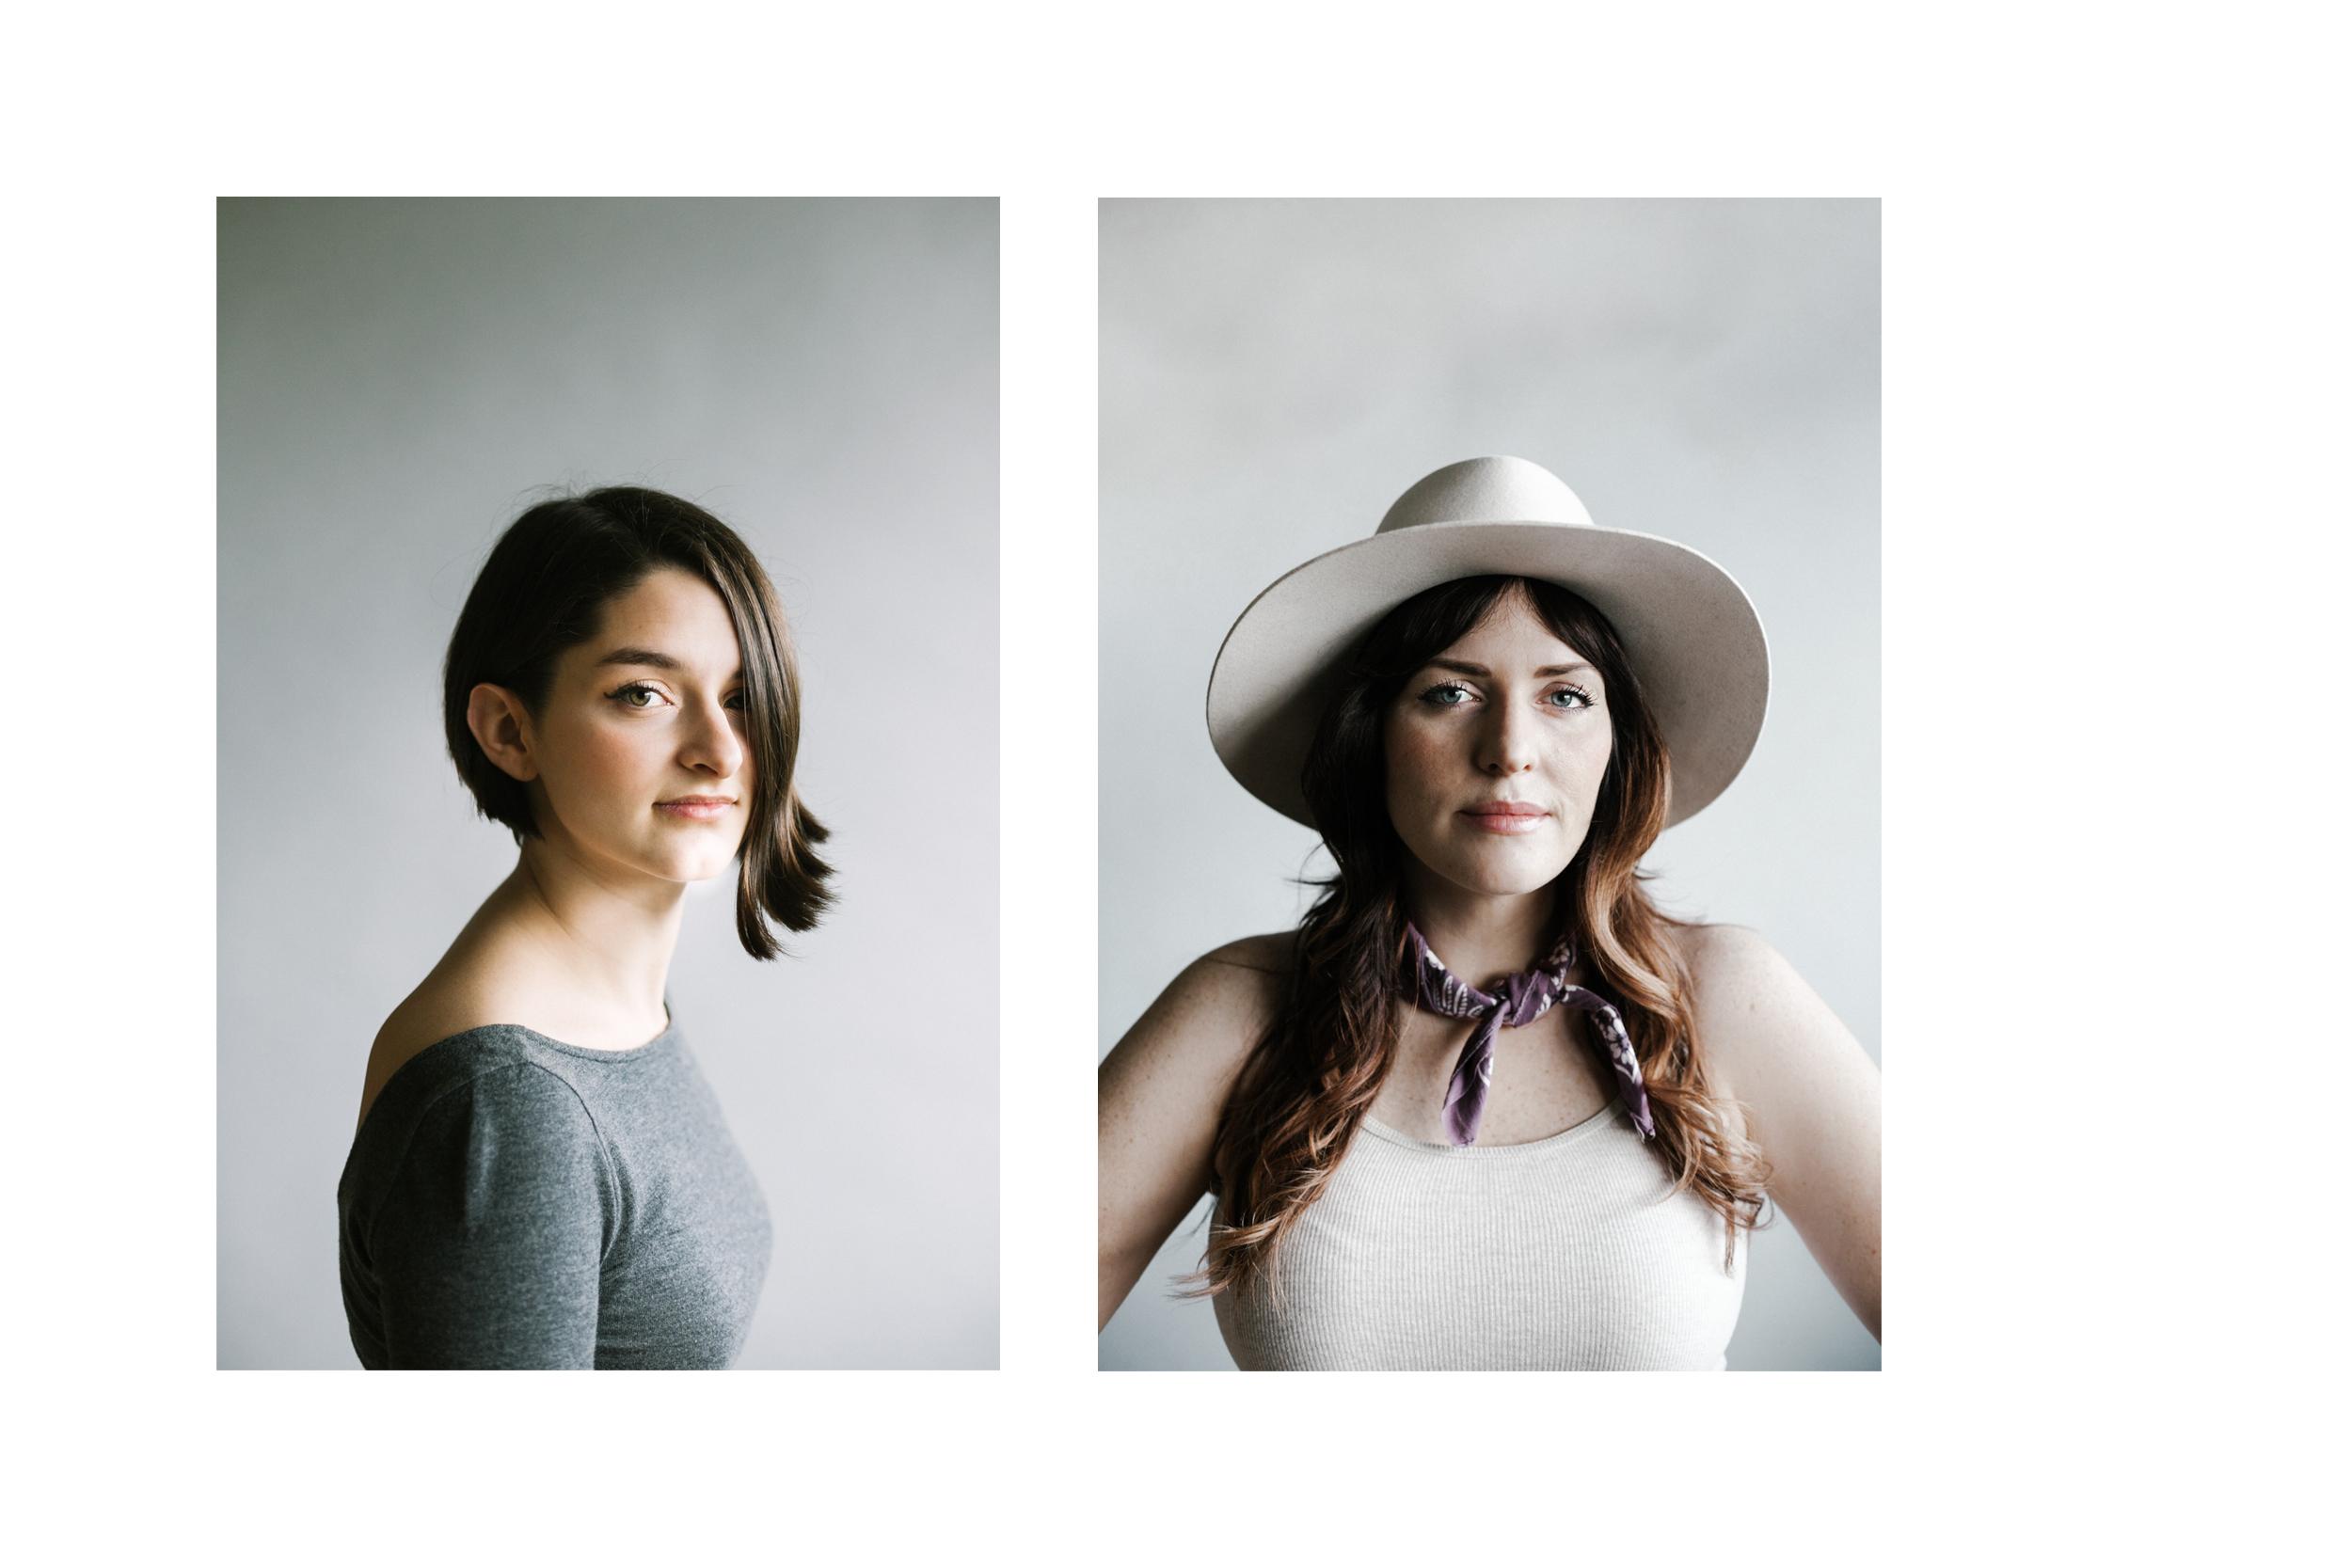 vancouver-portrait-photographer-05.jpg